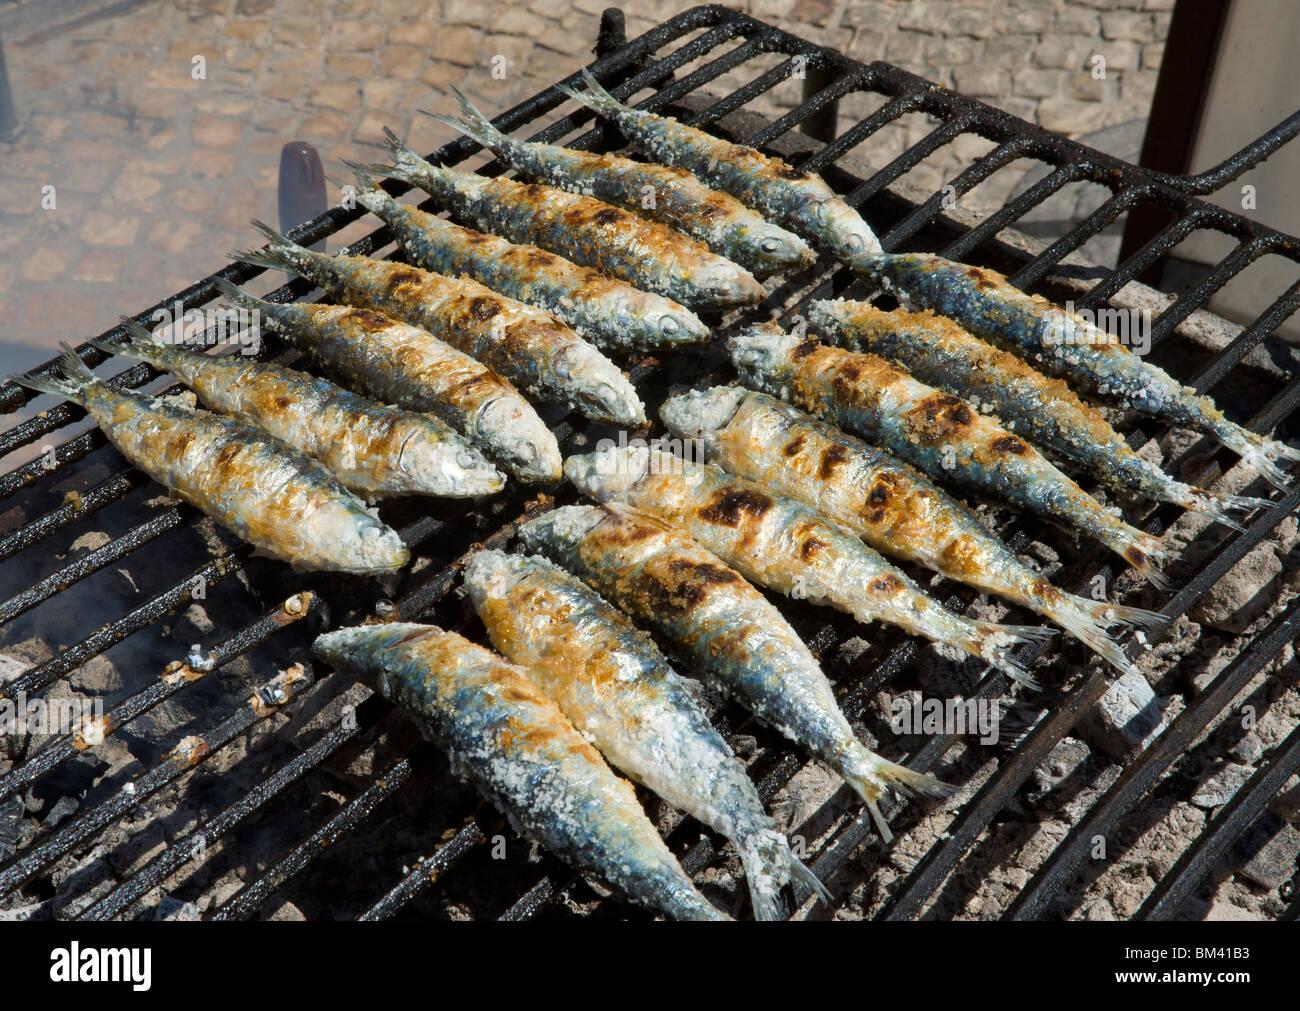 Le Portugal, l'Algarve, les sardines sur un grill Photo Stock